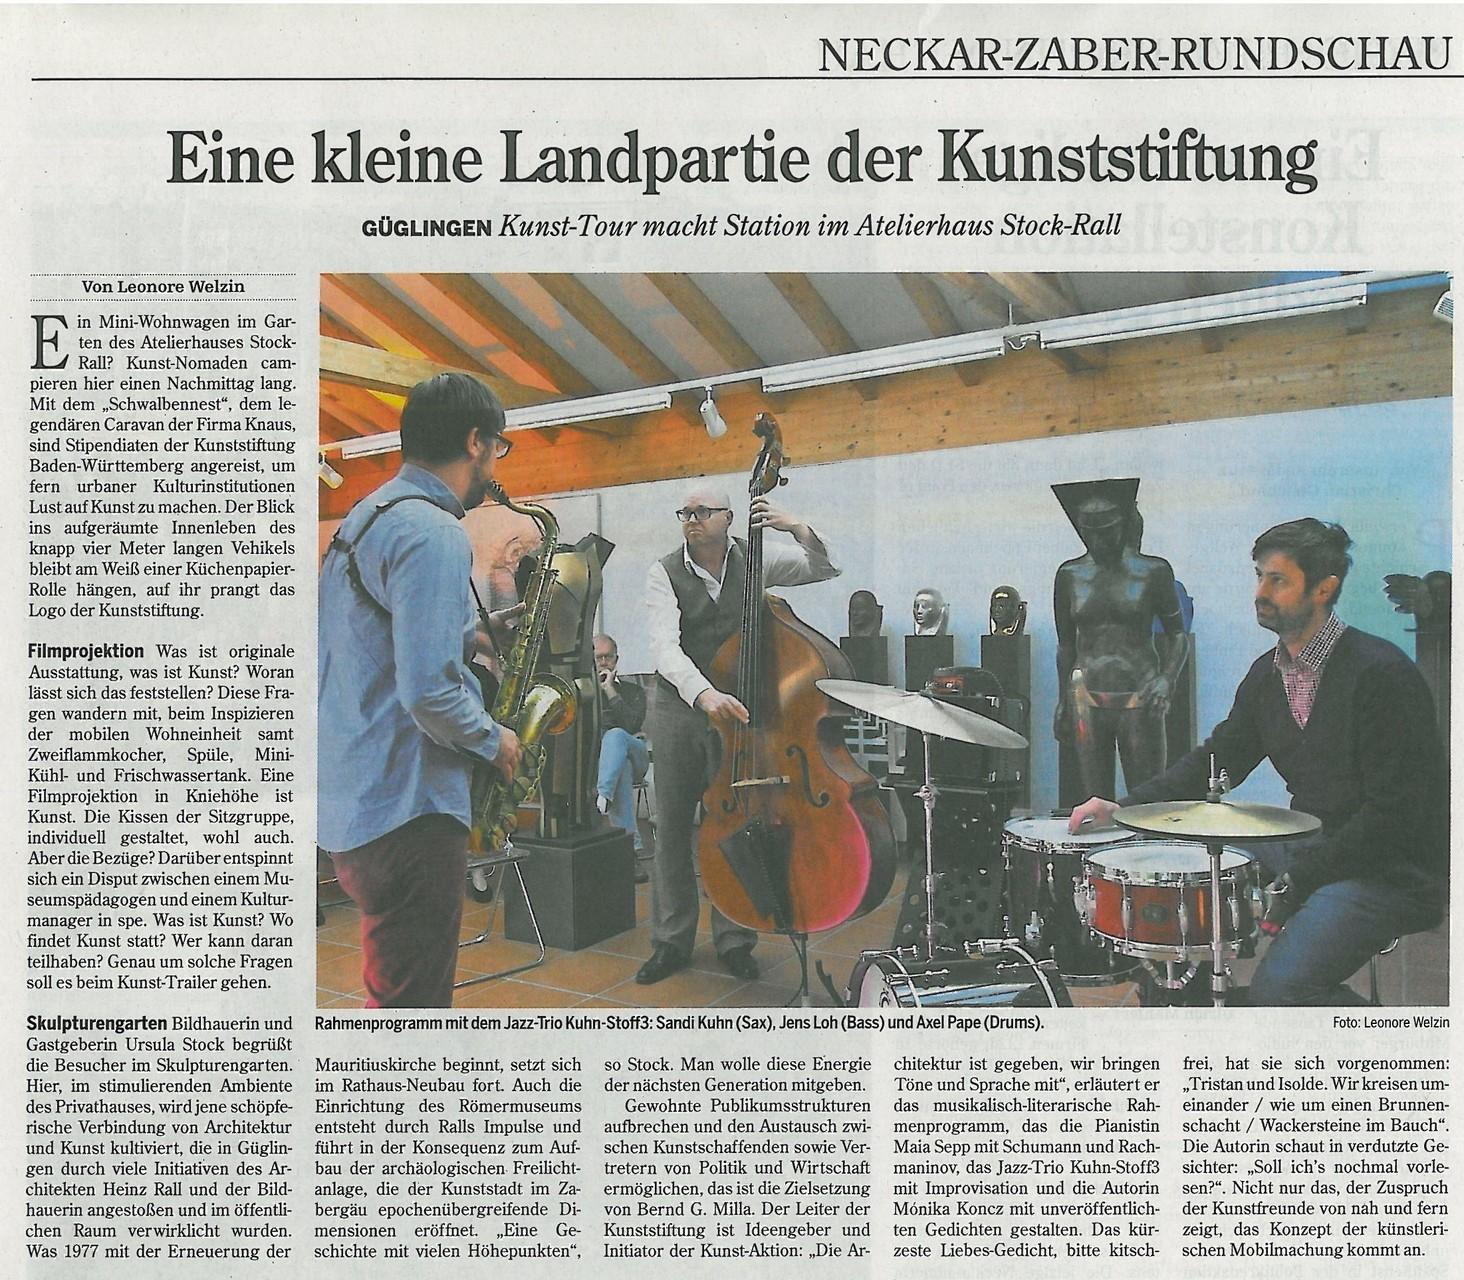 Neckar-Zaber-Rundschau (#773)